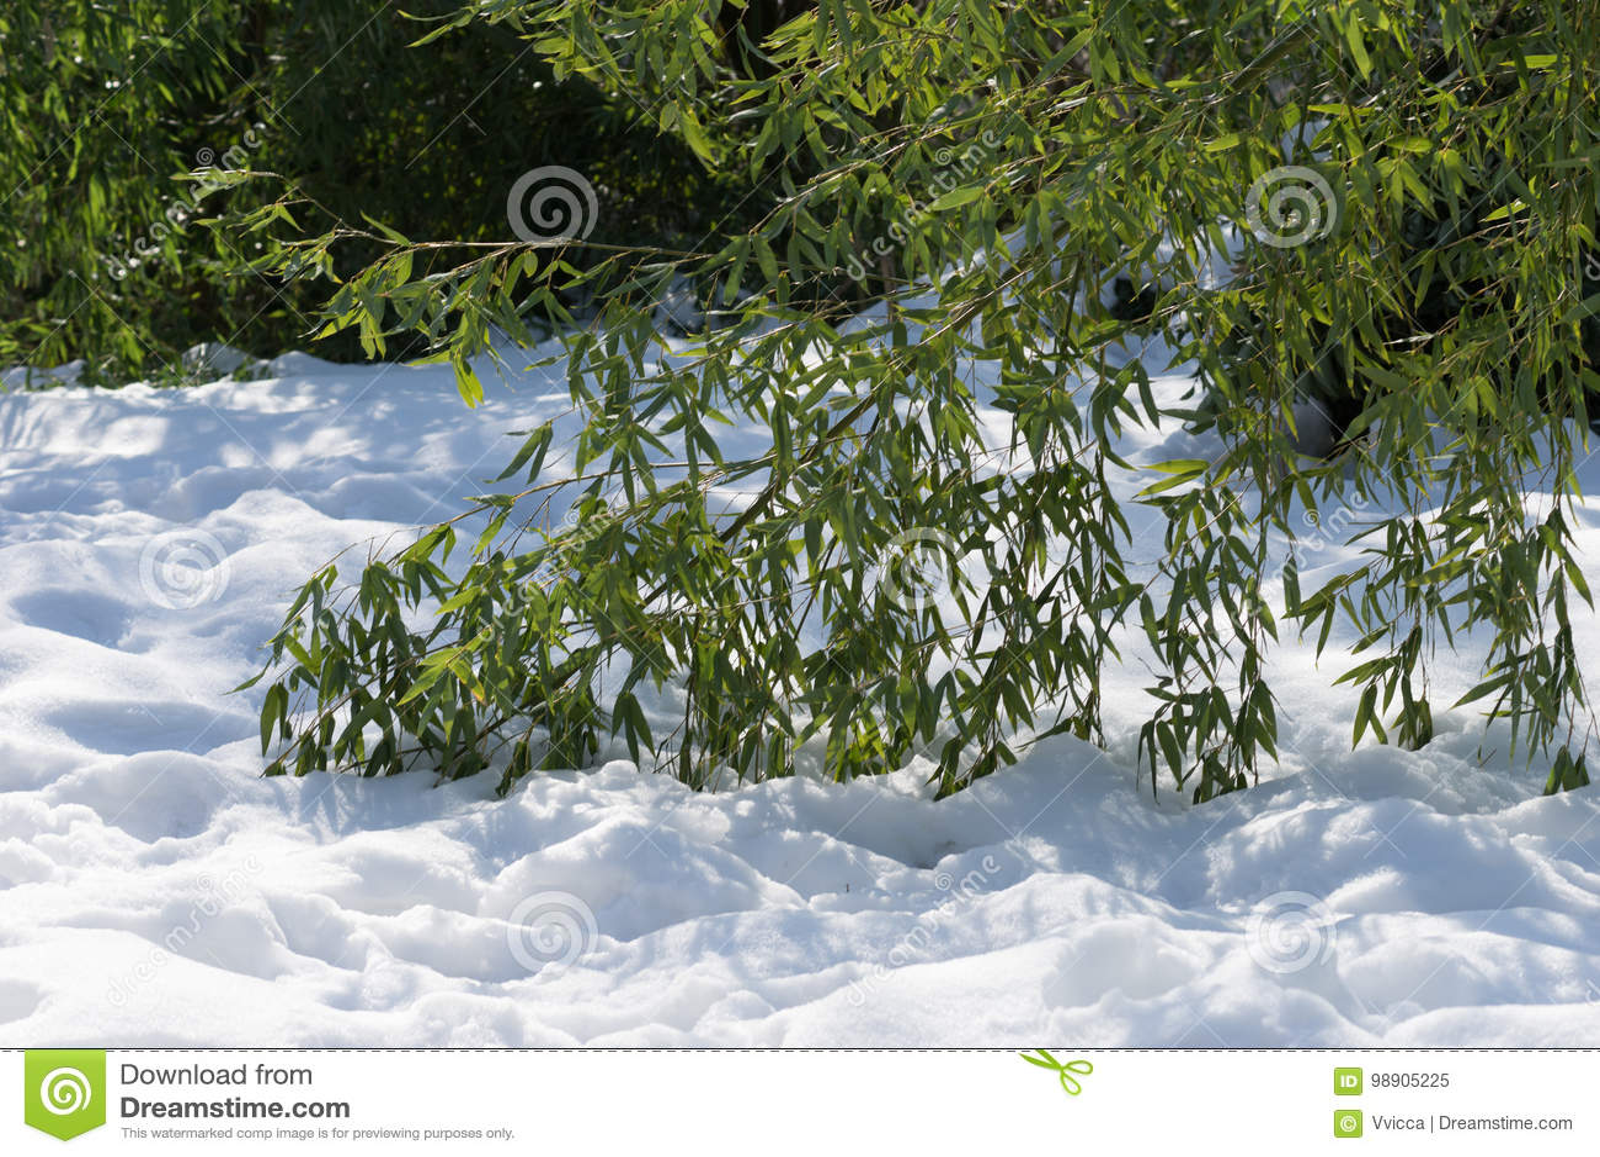 Les branches ont cintré le bambou se trouvant sur la neige blanche